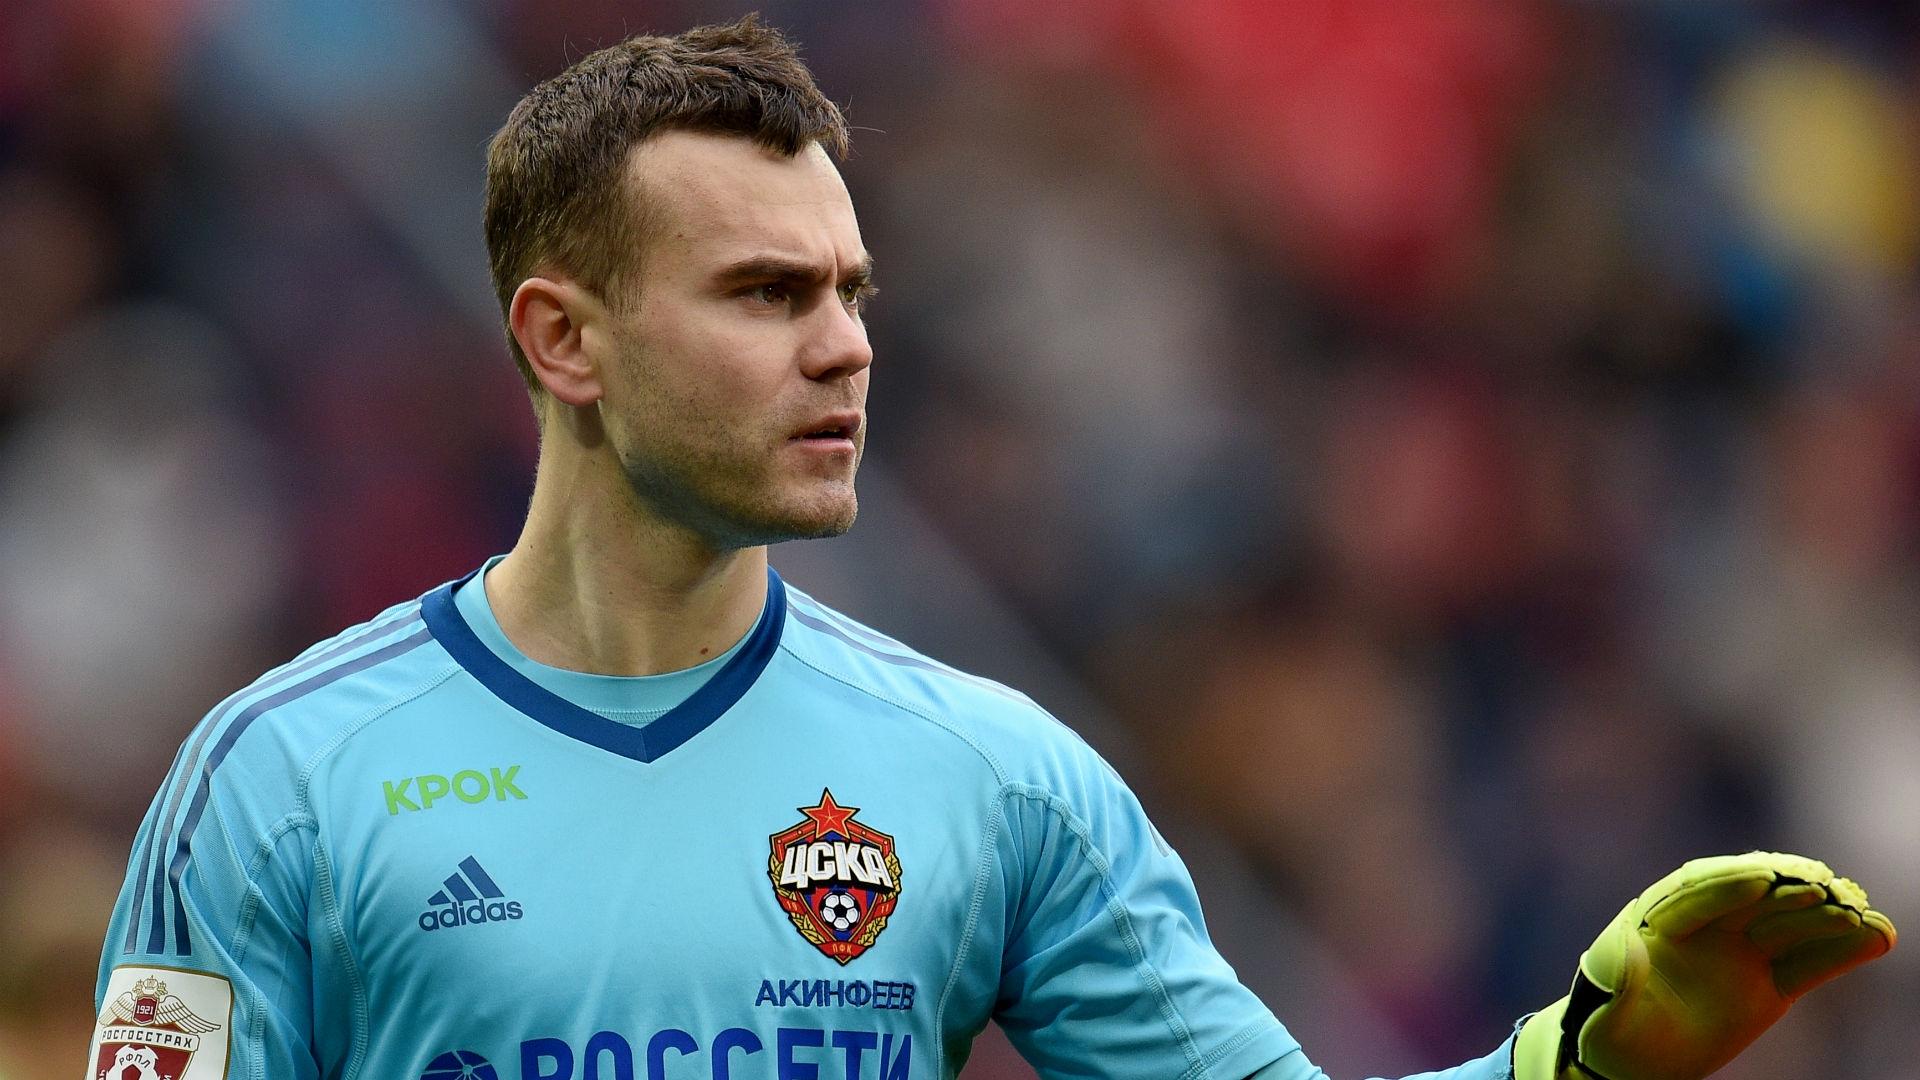 Igor Akinfeev (CSKA Moscow)